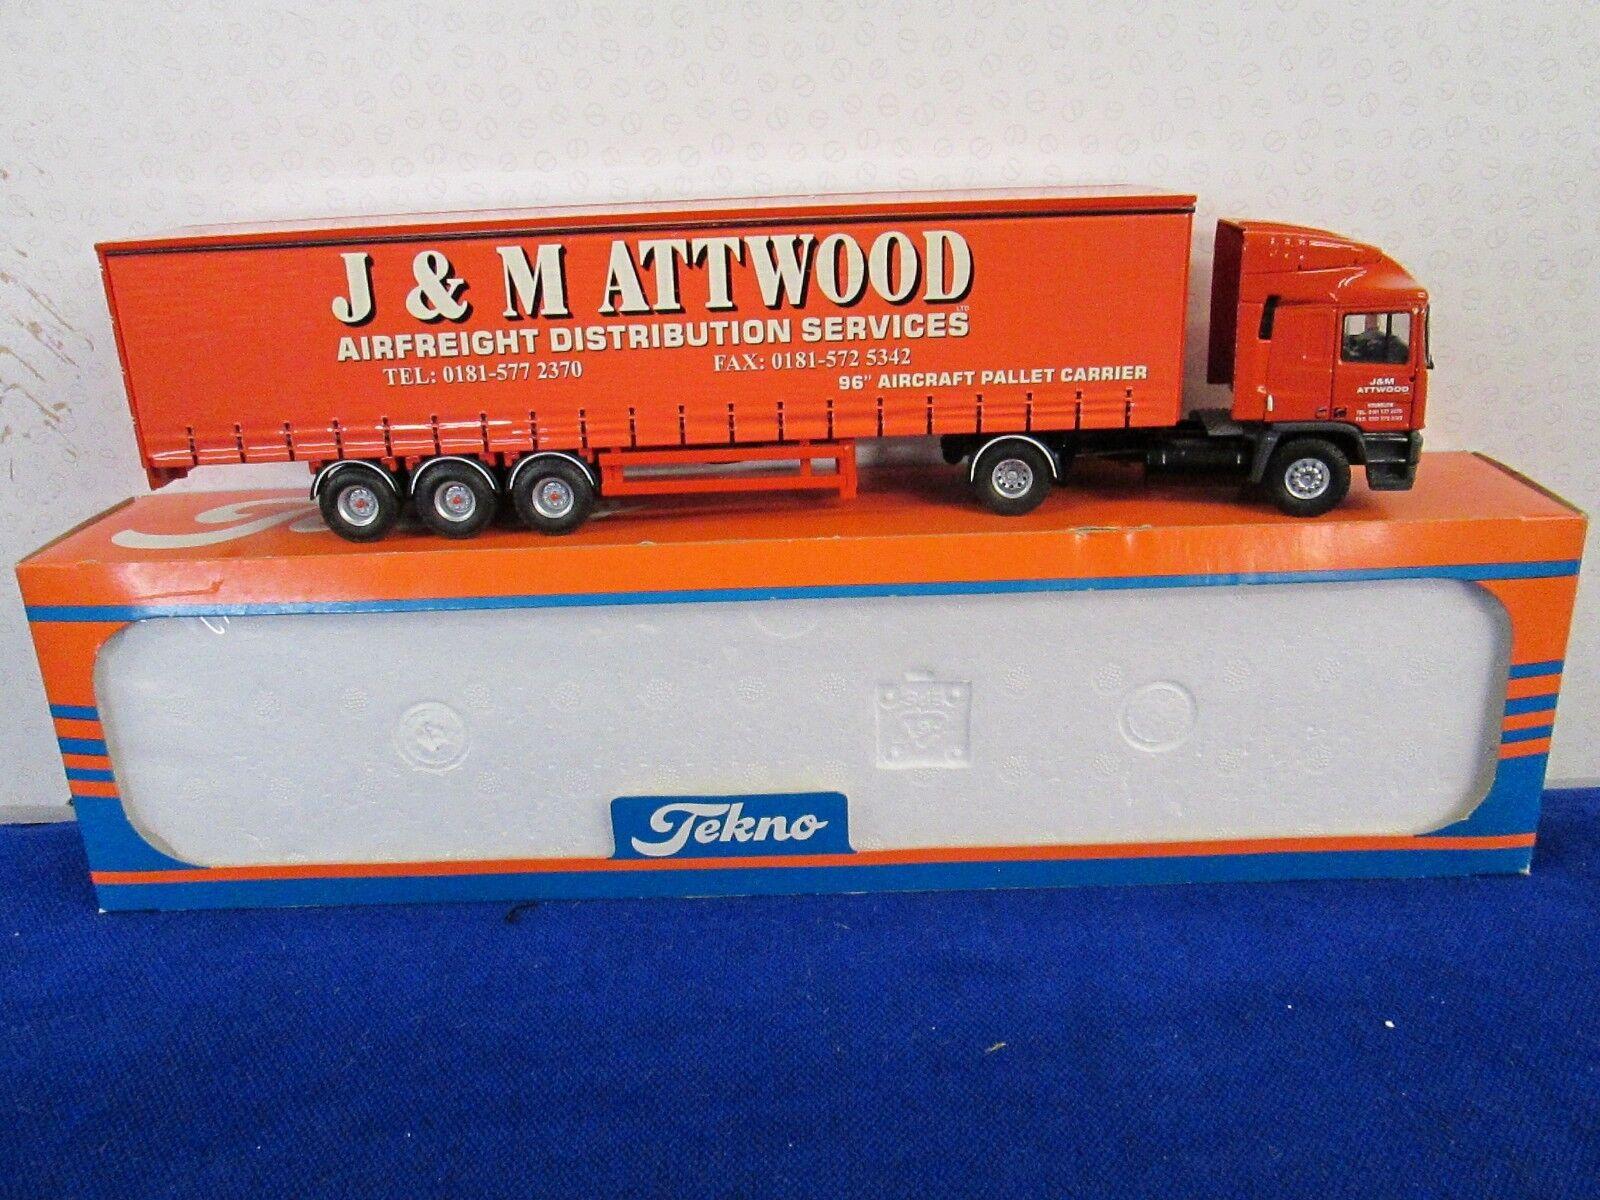 Techno.eff - serie.j & m attwood.1   50 - skala